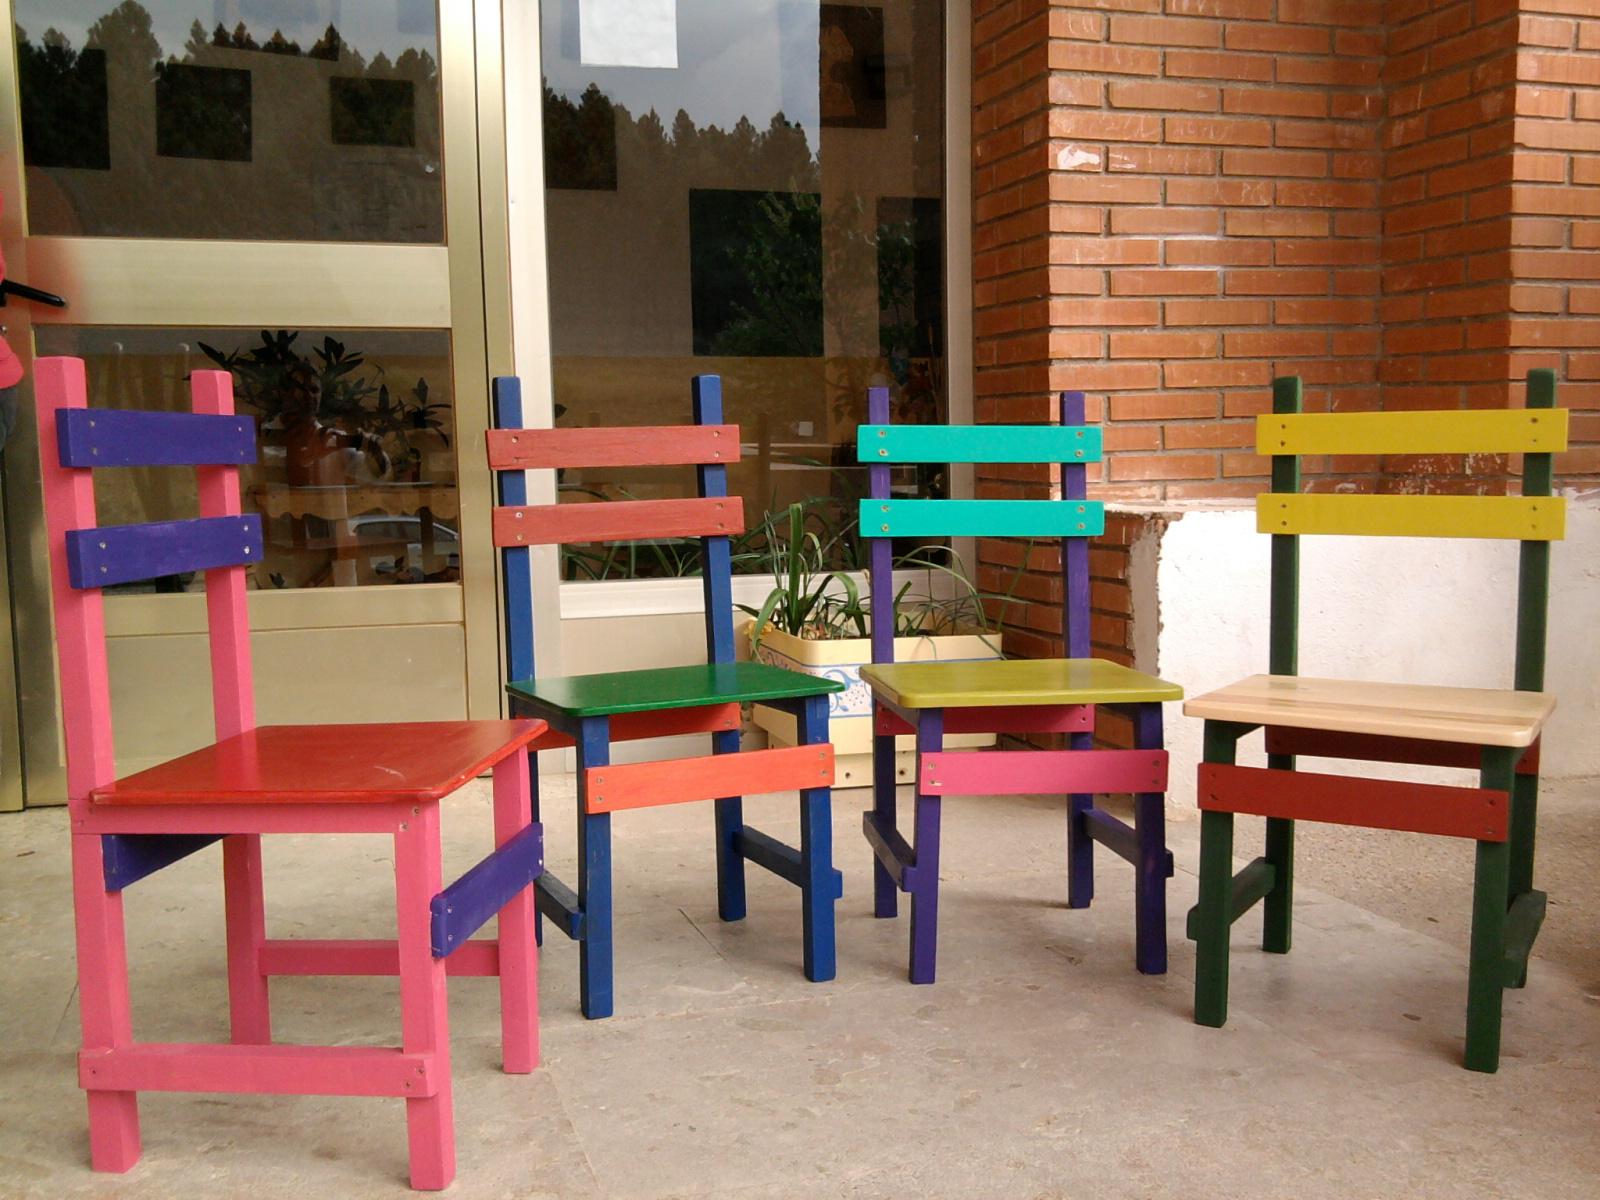 La mesa de marce juegos for Planificador salon ikea